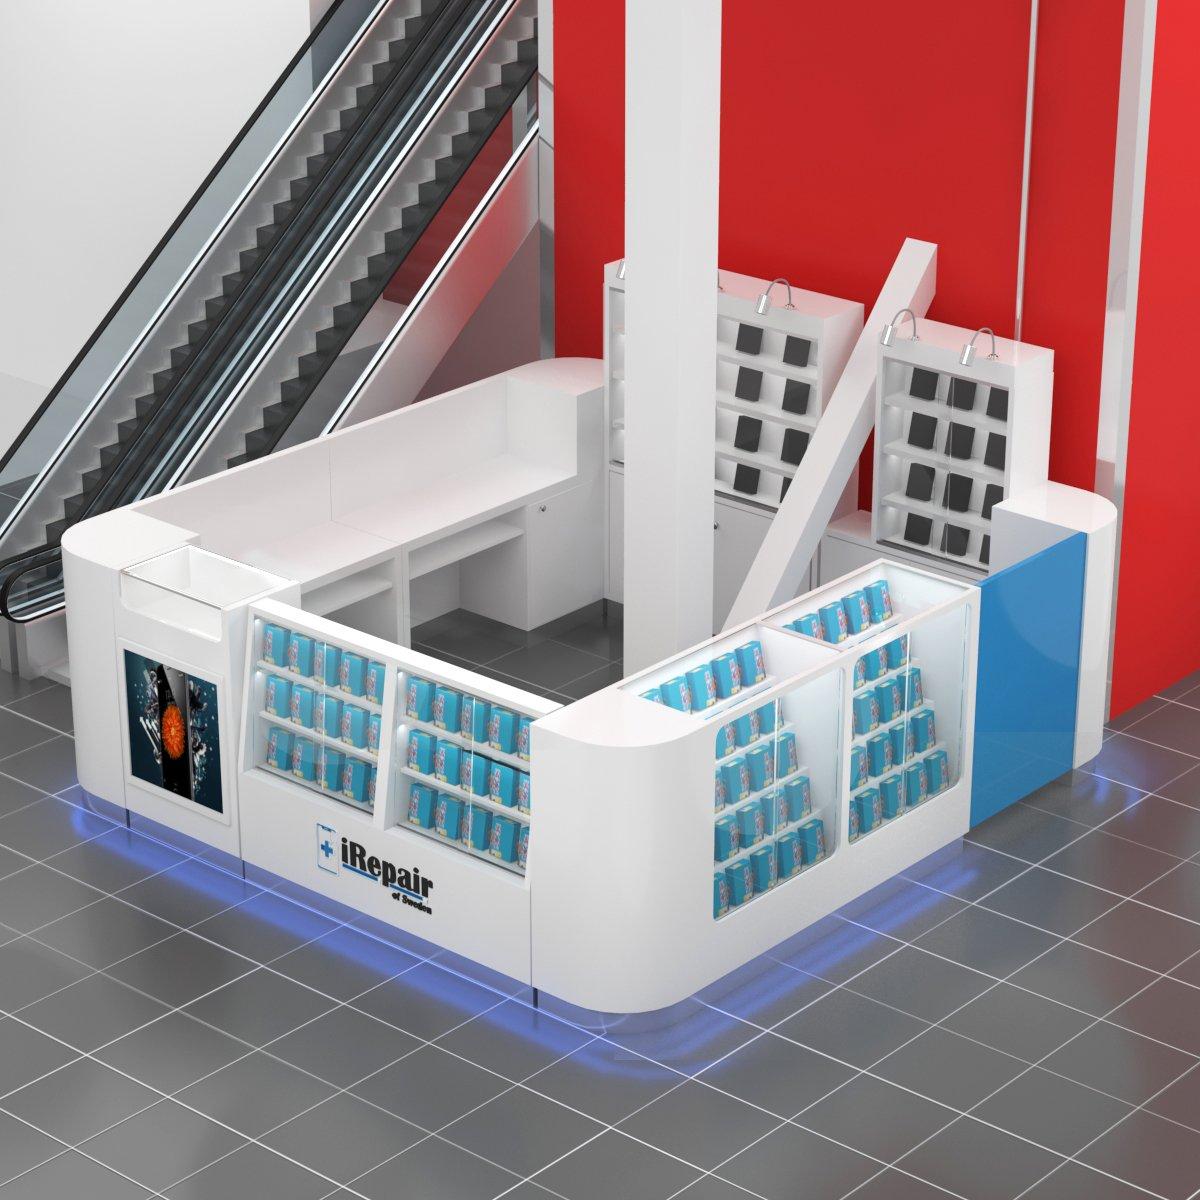 Cellphone kiosk